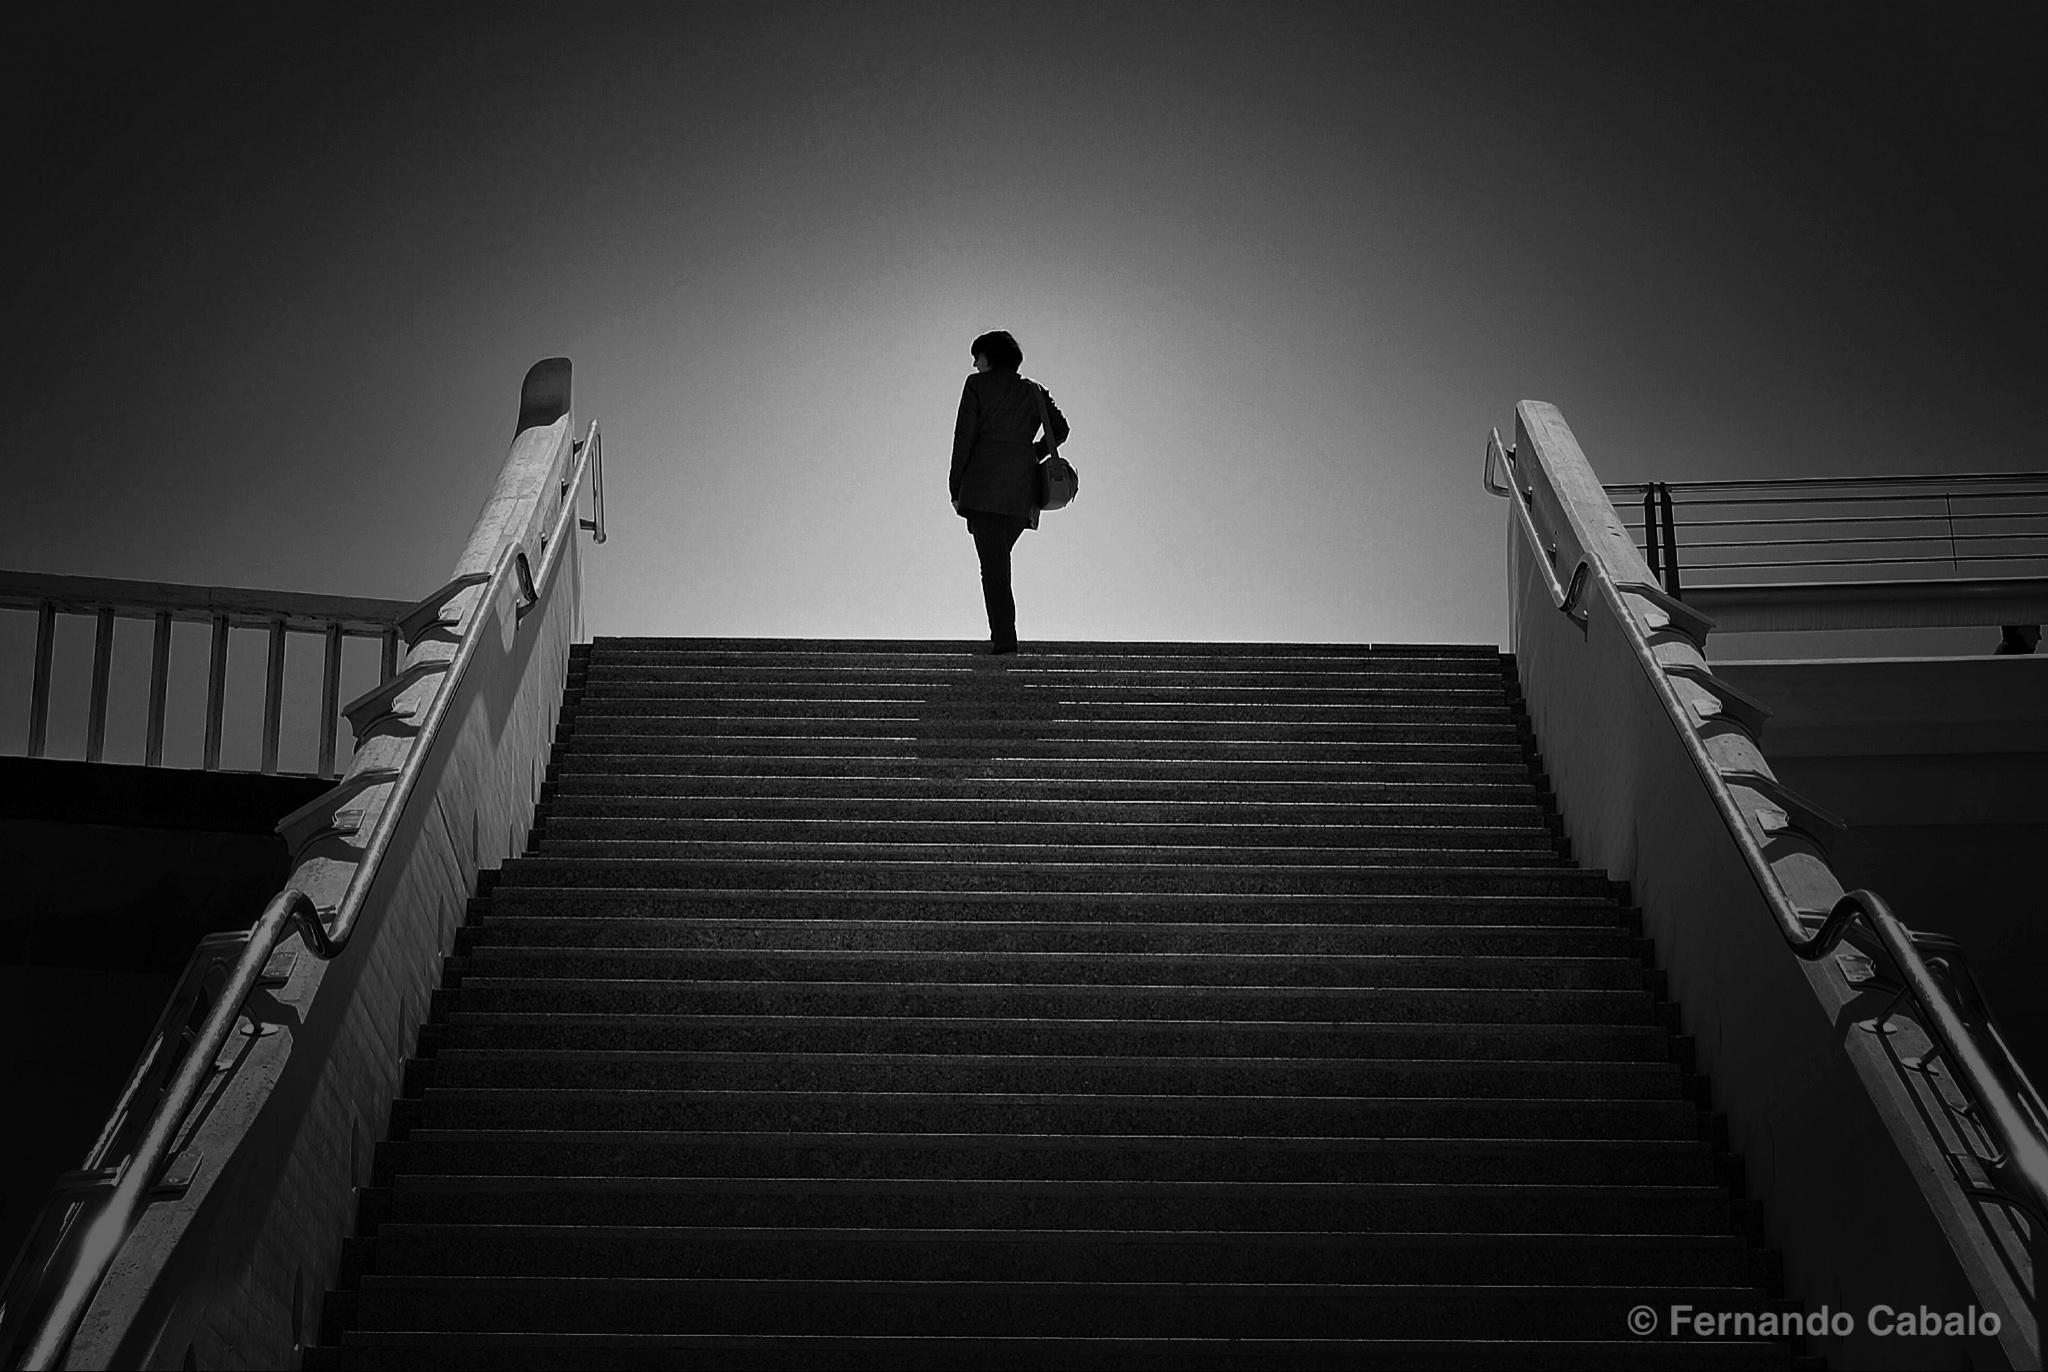 Hình nền : ảnh chụp, Bầu trời, đen và trắng, bóng tối, Nhiếp ảnh đơn sắc, nhiếp ảnh, ánh sáng, không khí, Ảnh chụp nhanh, Đơn sắc, đám mây, đêm, hàng, góc, ...